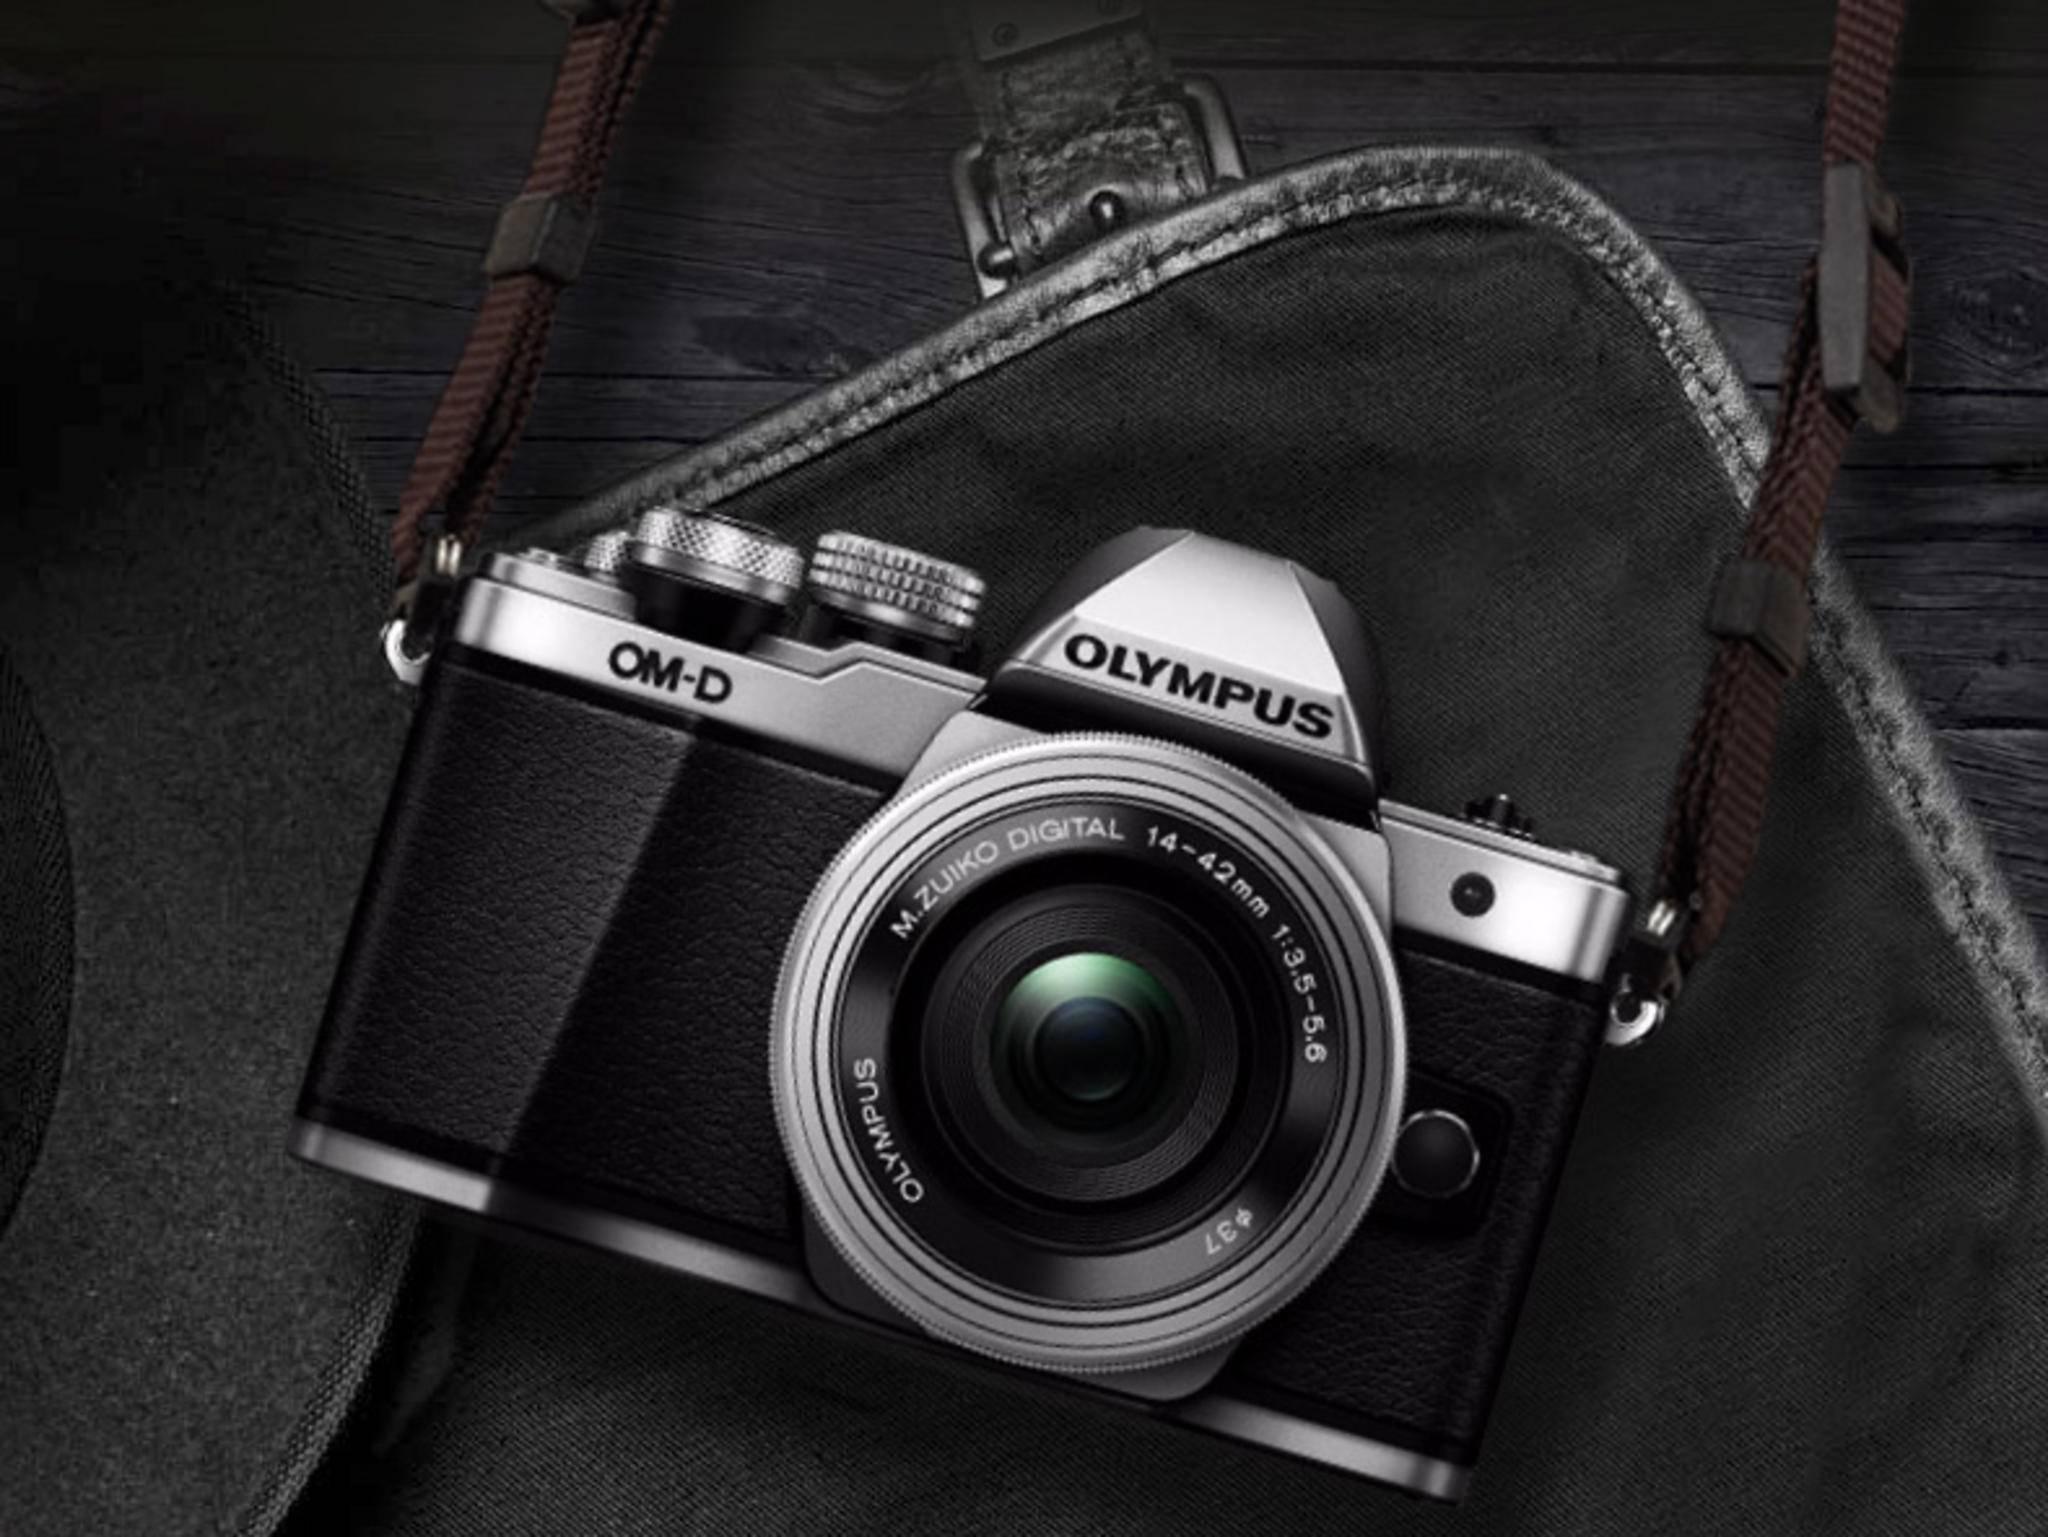 Die Olympus OM-D E-M10 II ist eine mit Funktionen vollgestopfte Kamera im Retro-Look.